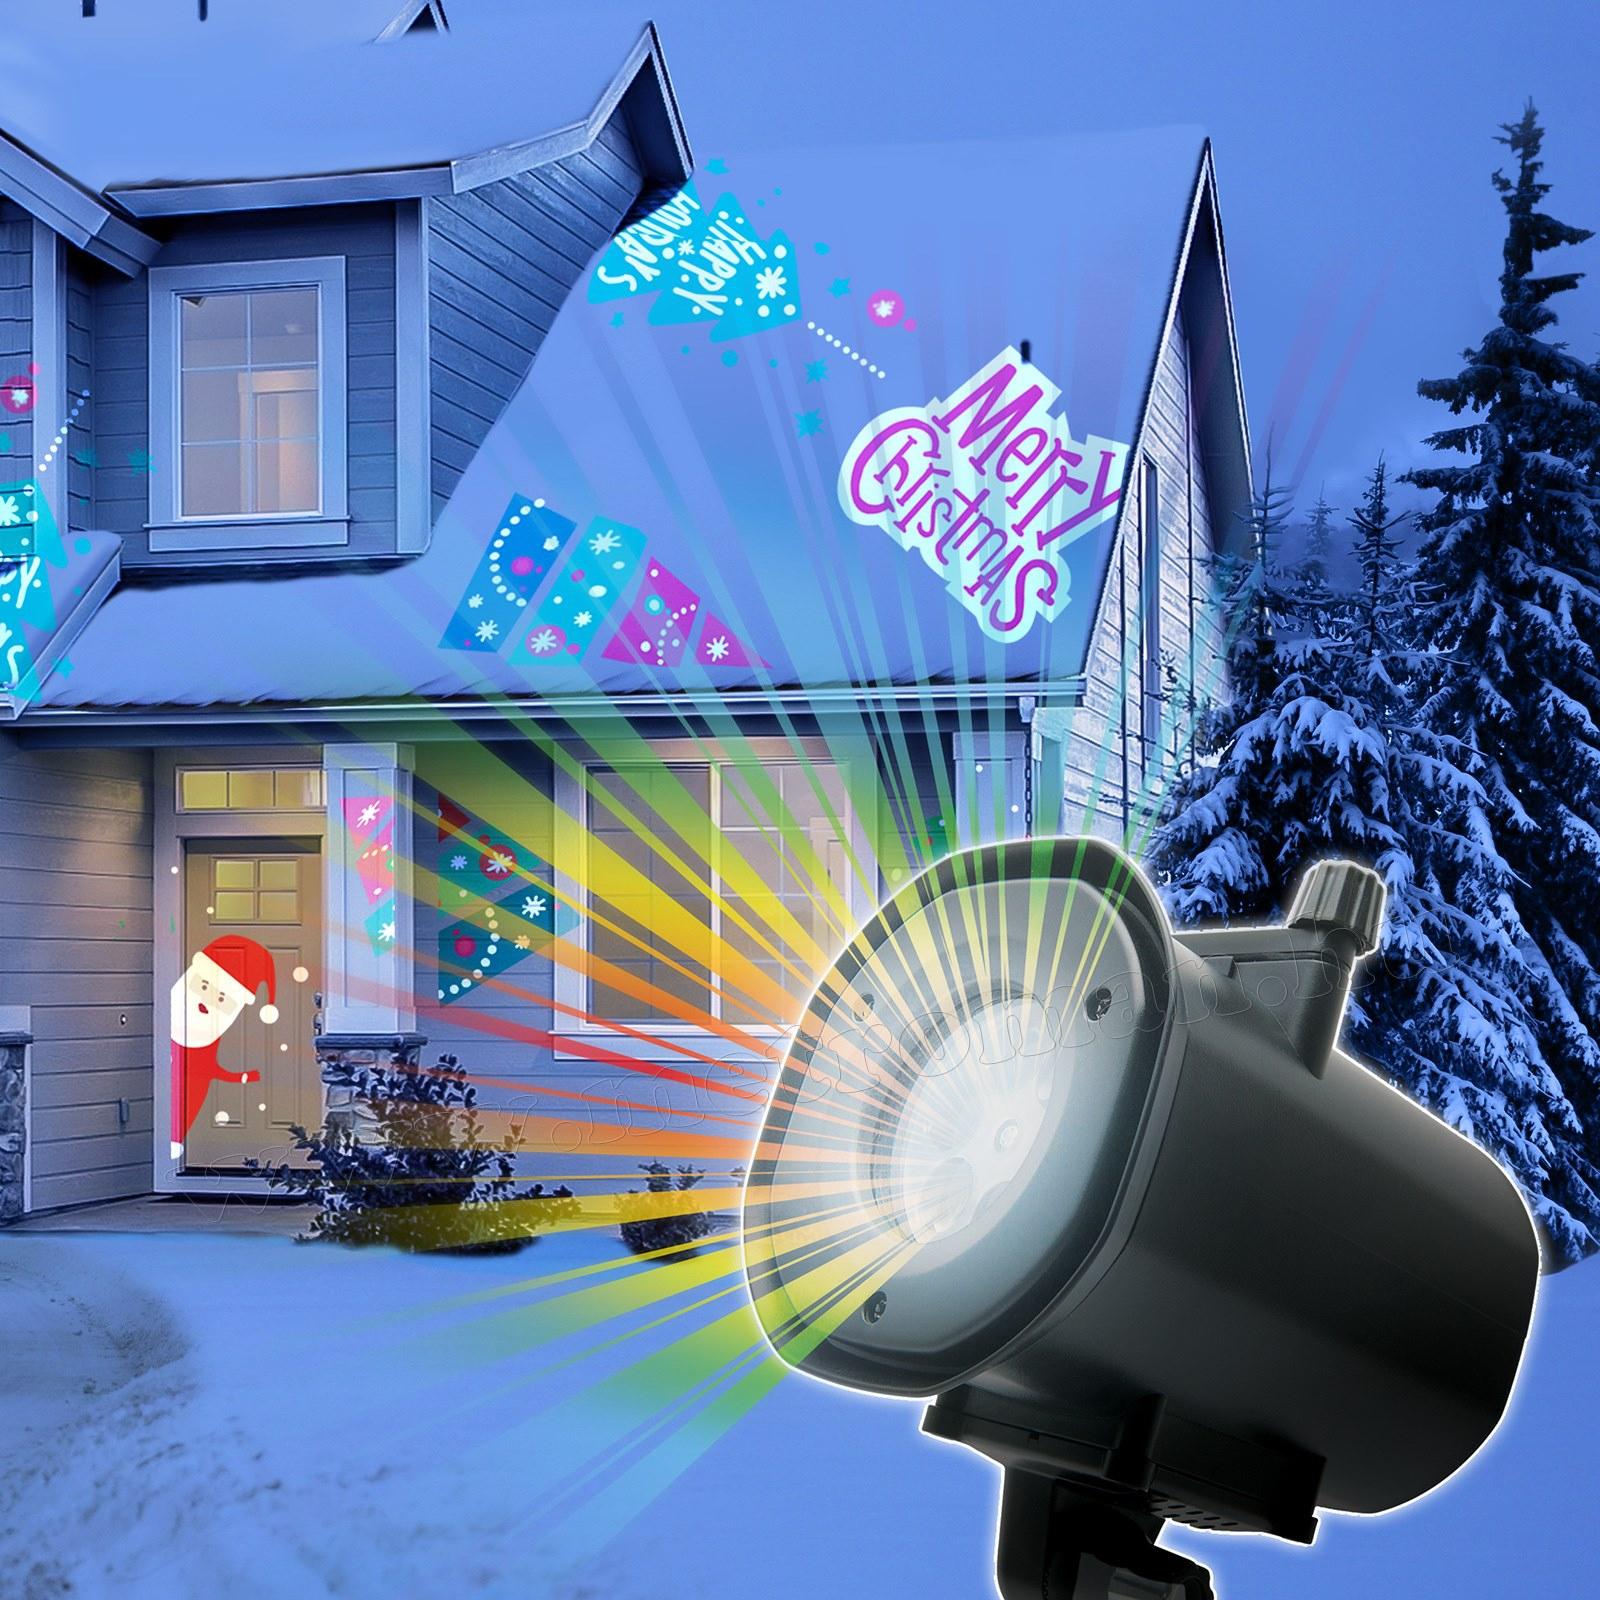 Kültéri színes LED fény projektor, kerti hangulat világítás 4 az 1-ben MDL-916